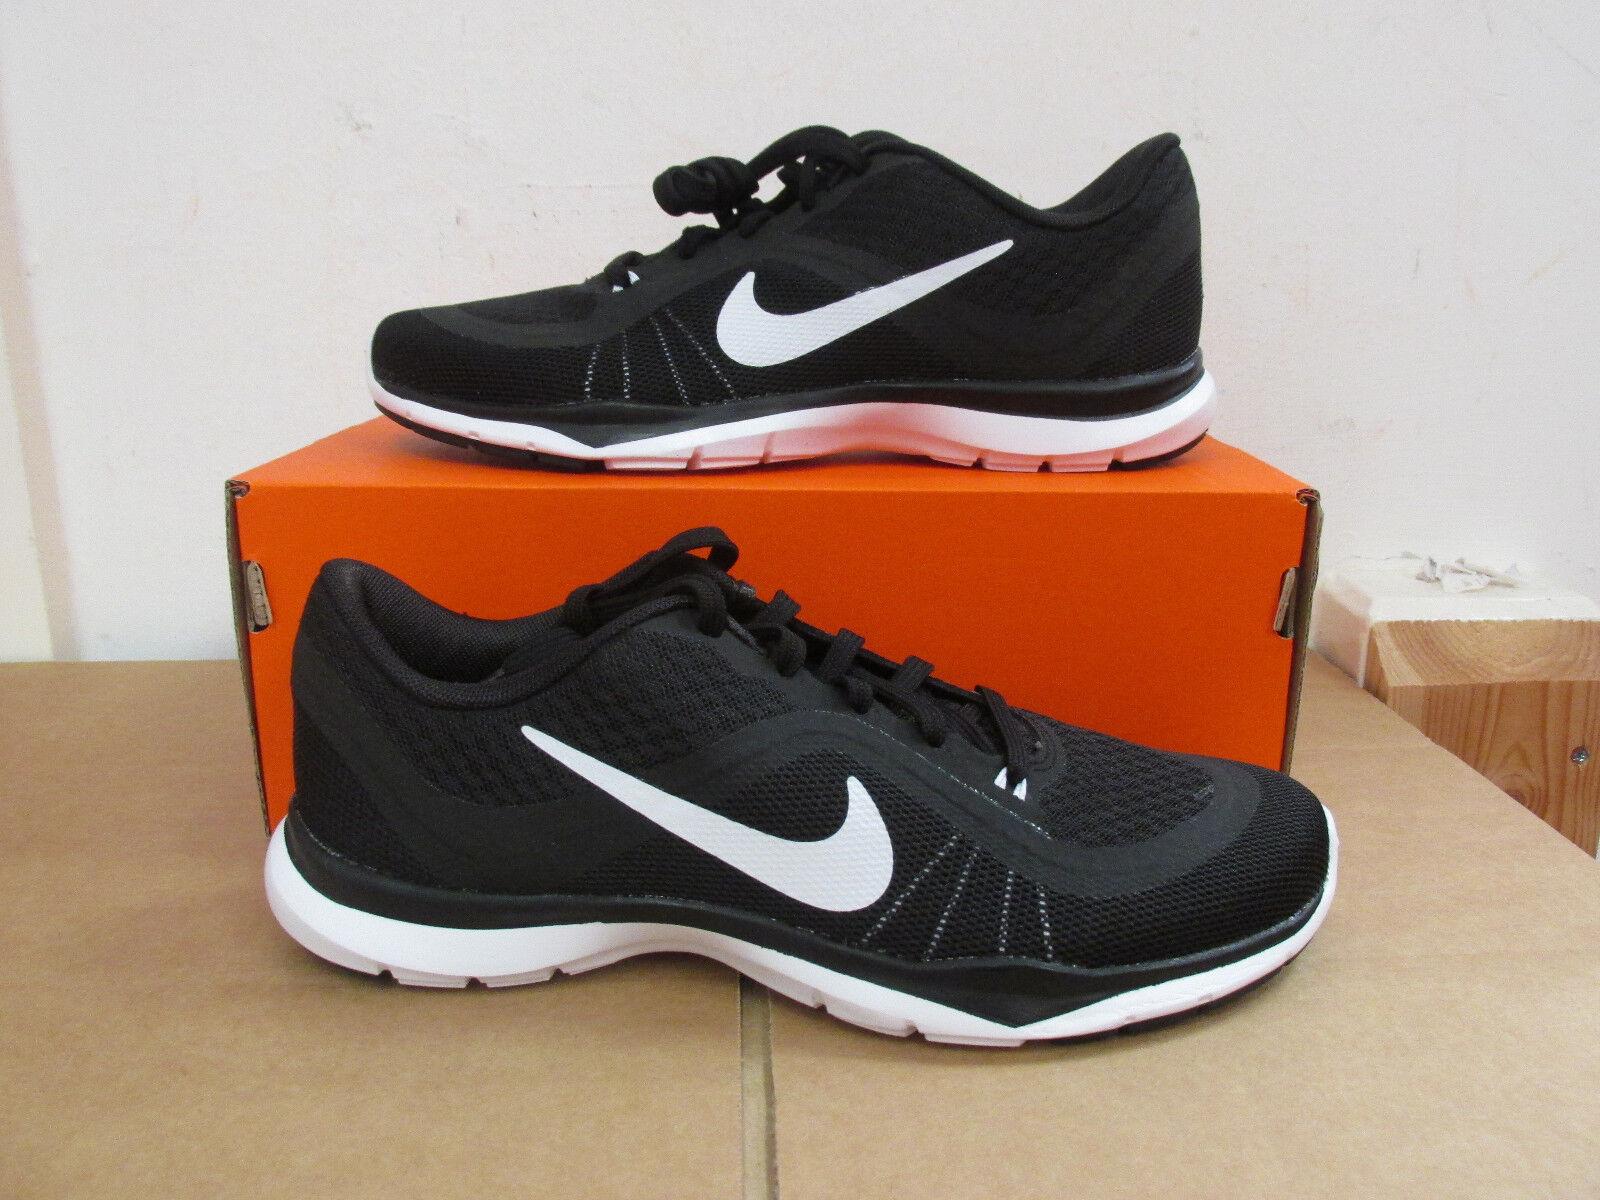 Nike flex formatore scarpe 6 formatori 831217 001 scarpe formatore scarpe clearance b84a59